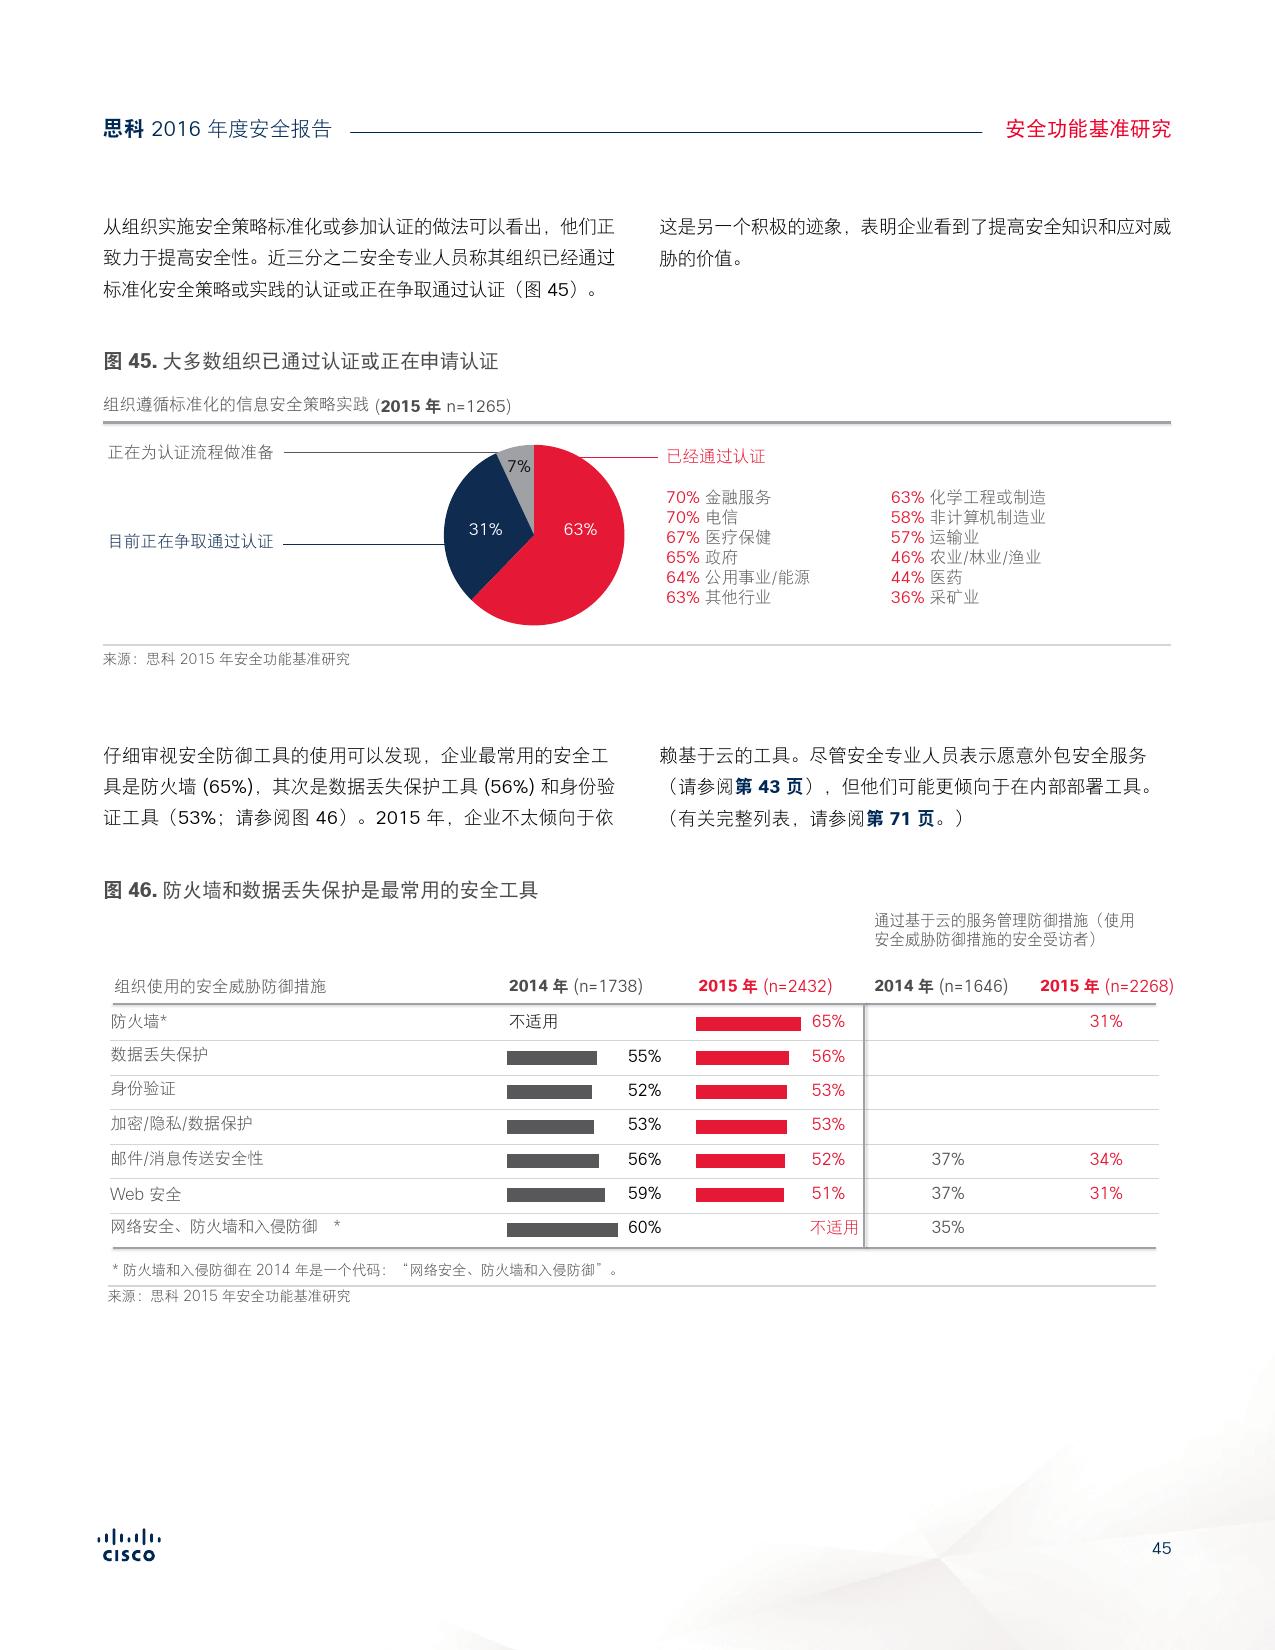 2016年中网络安全报告_000045